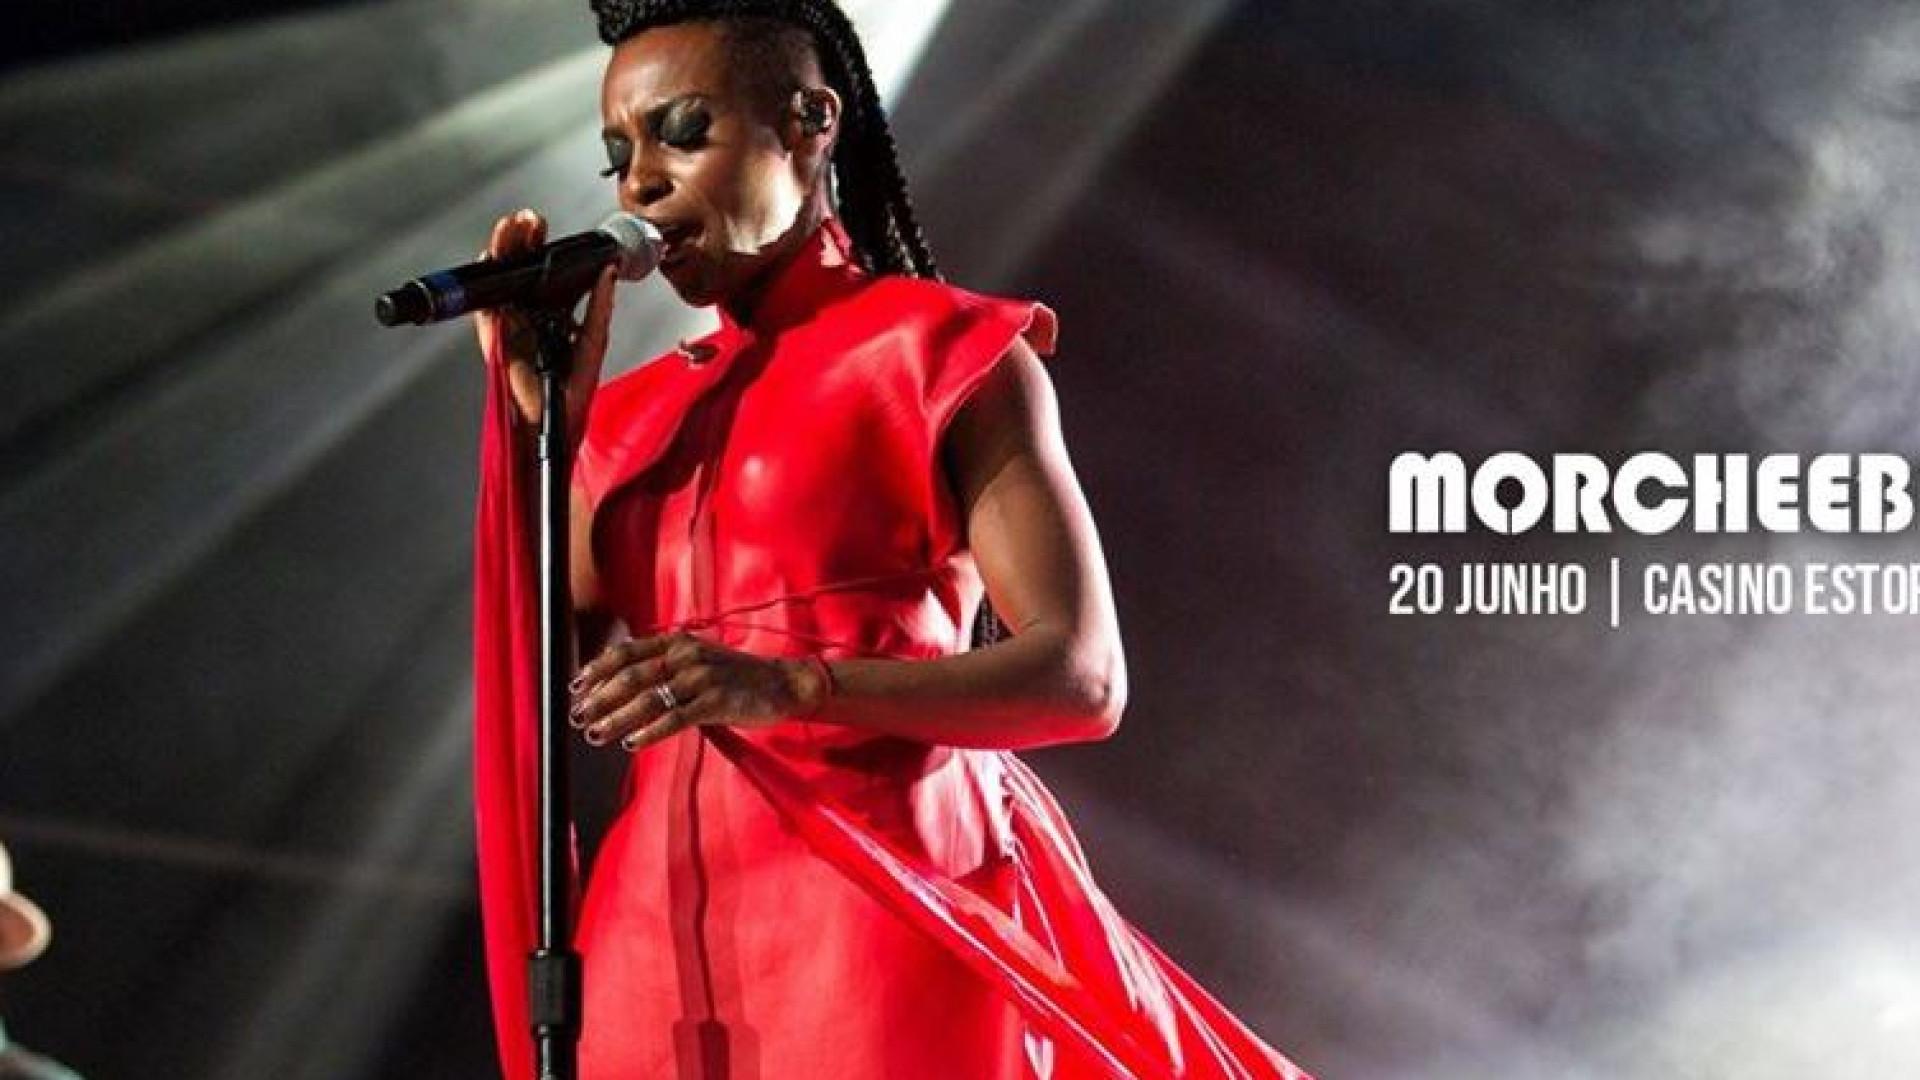 Concerto dos Morcheeba no Estoril é já para a semana